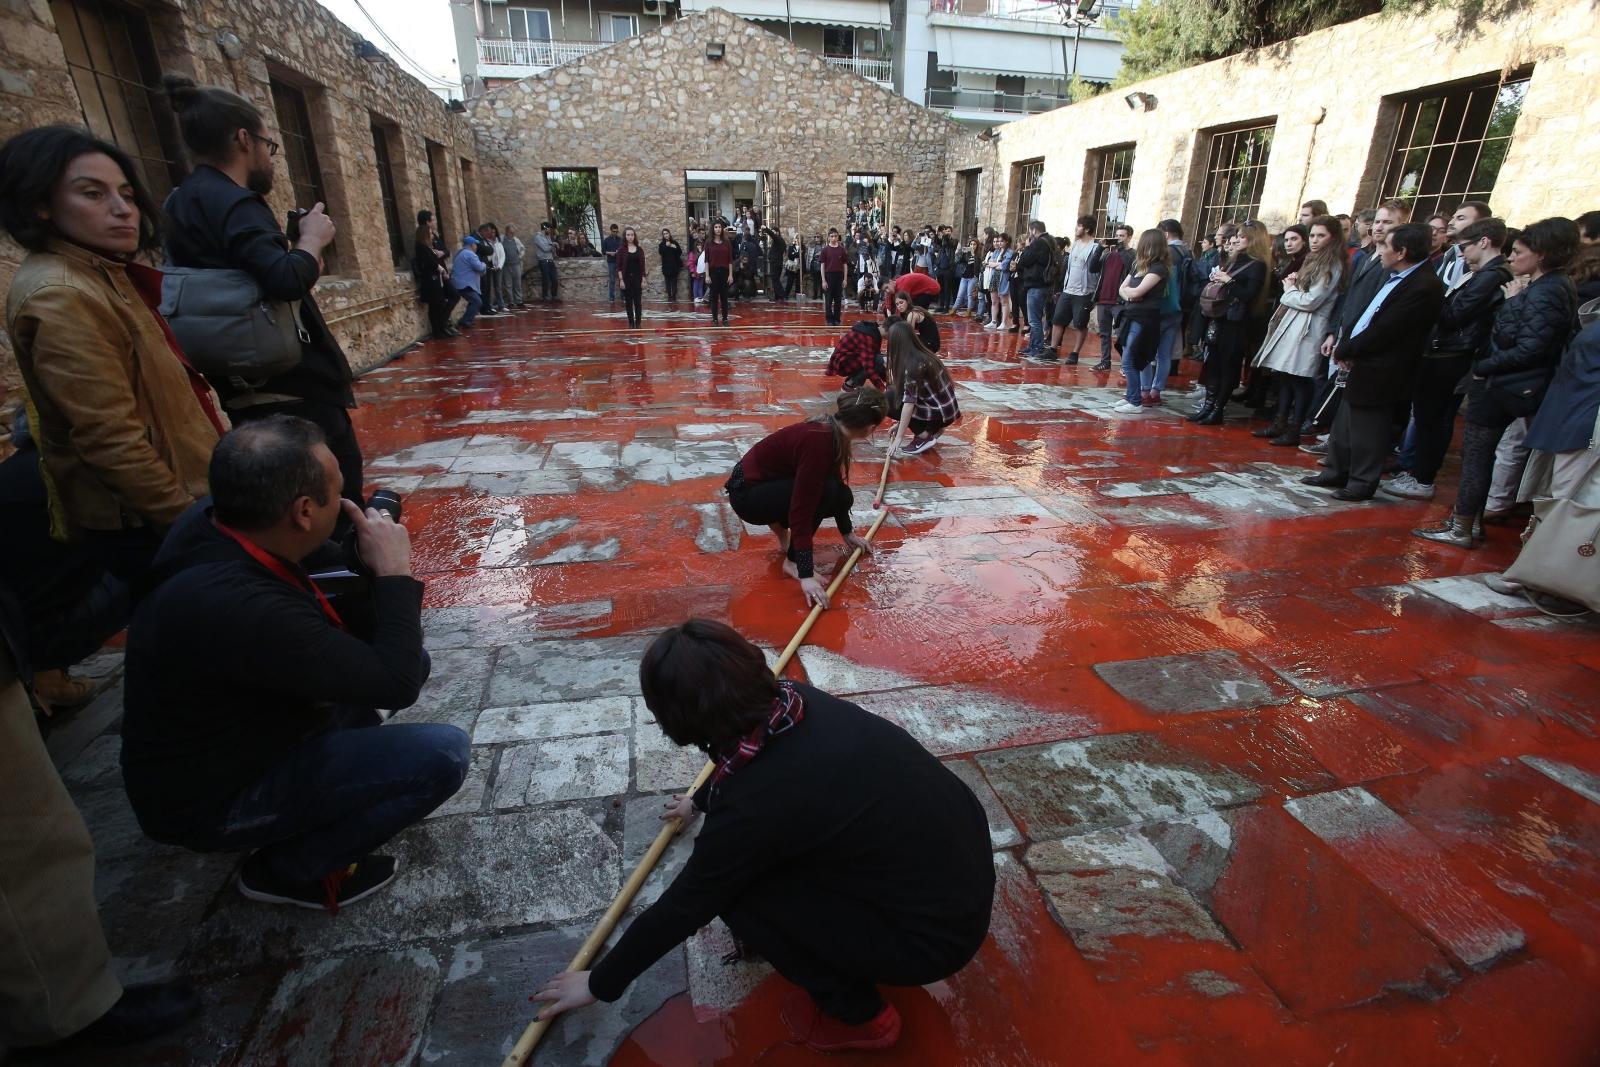 Studencki pokaz artystyczny w Atenach, Grecja.